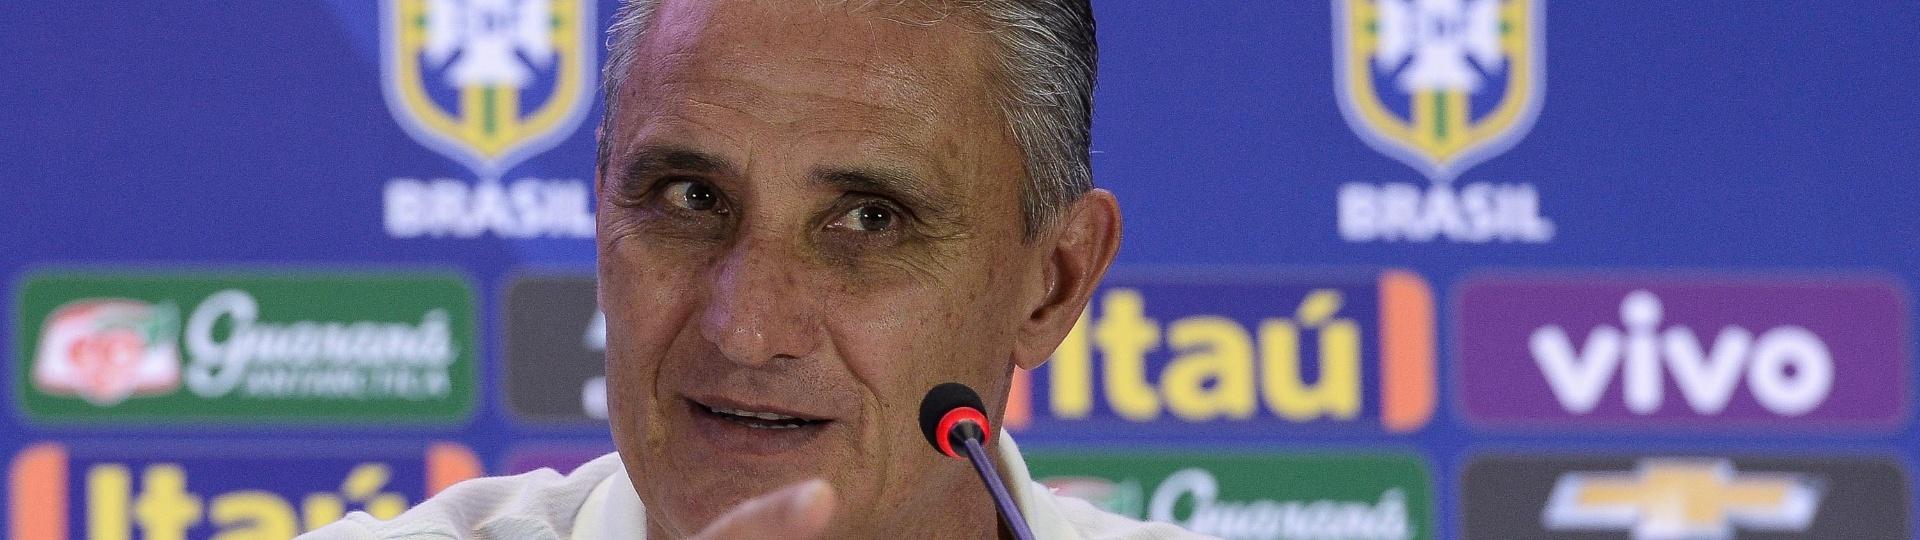 Tite concede entrevista coletiva antes do jogo da seleção brasileira contra a Colômbia